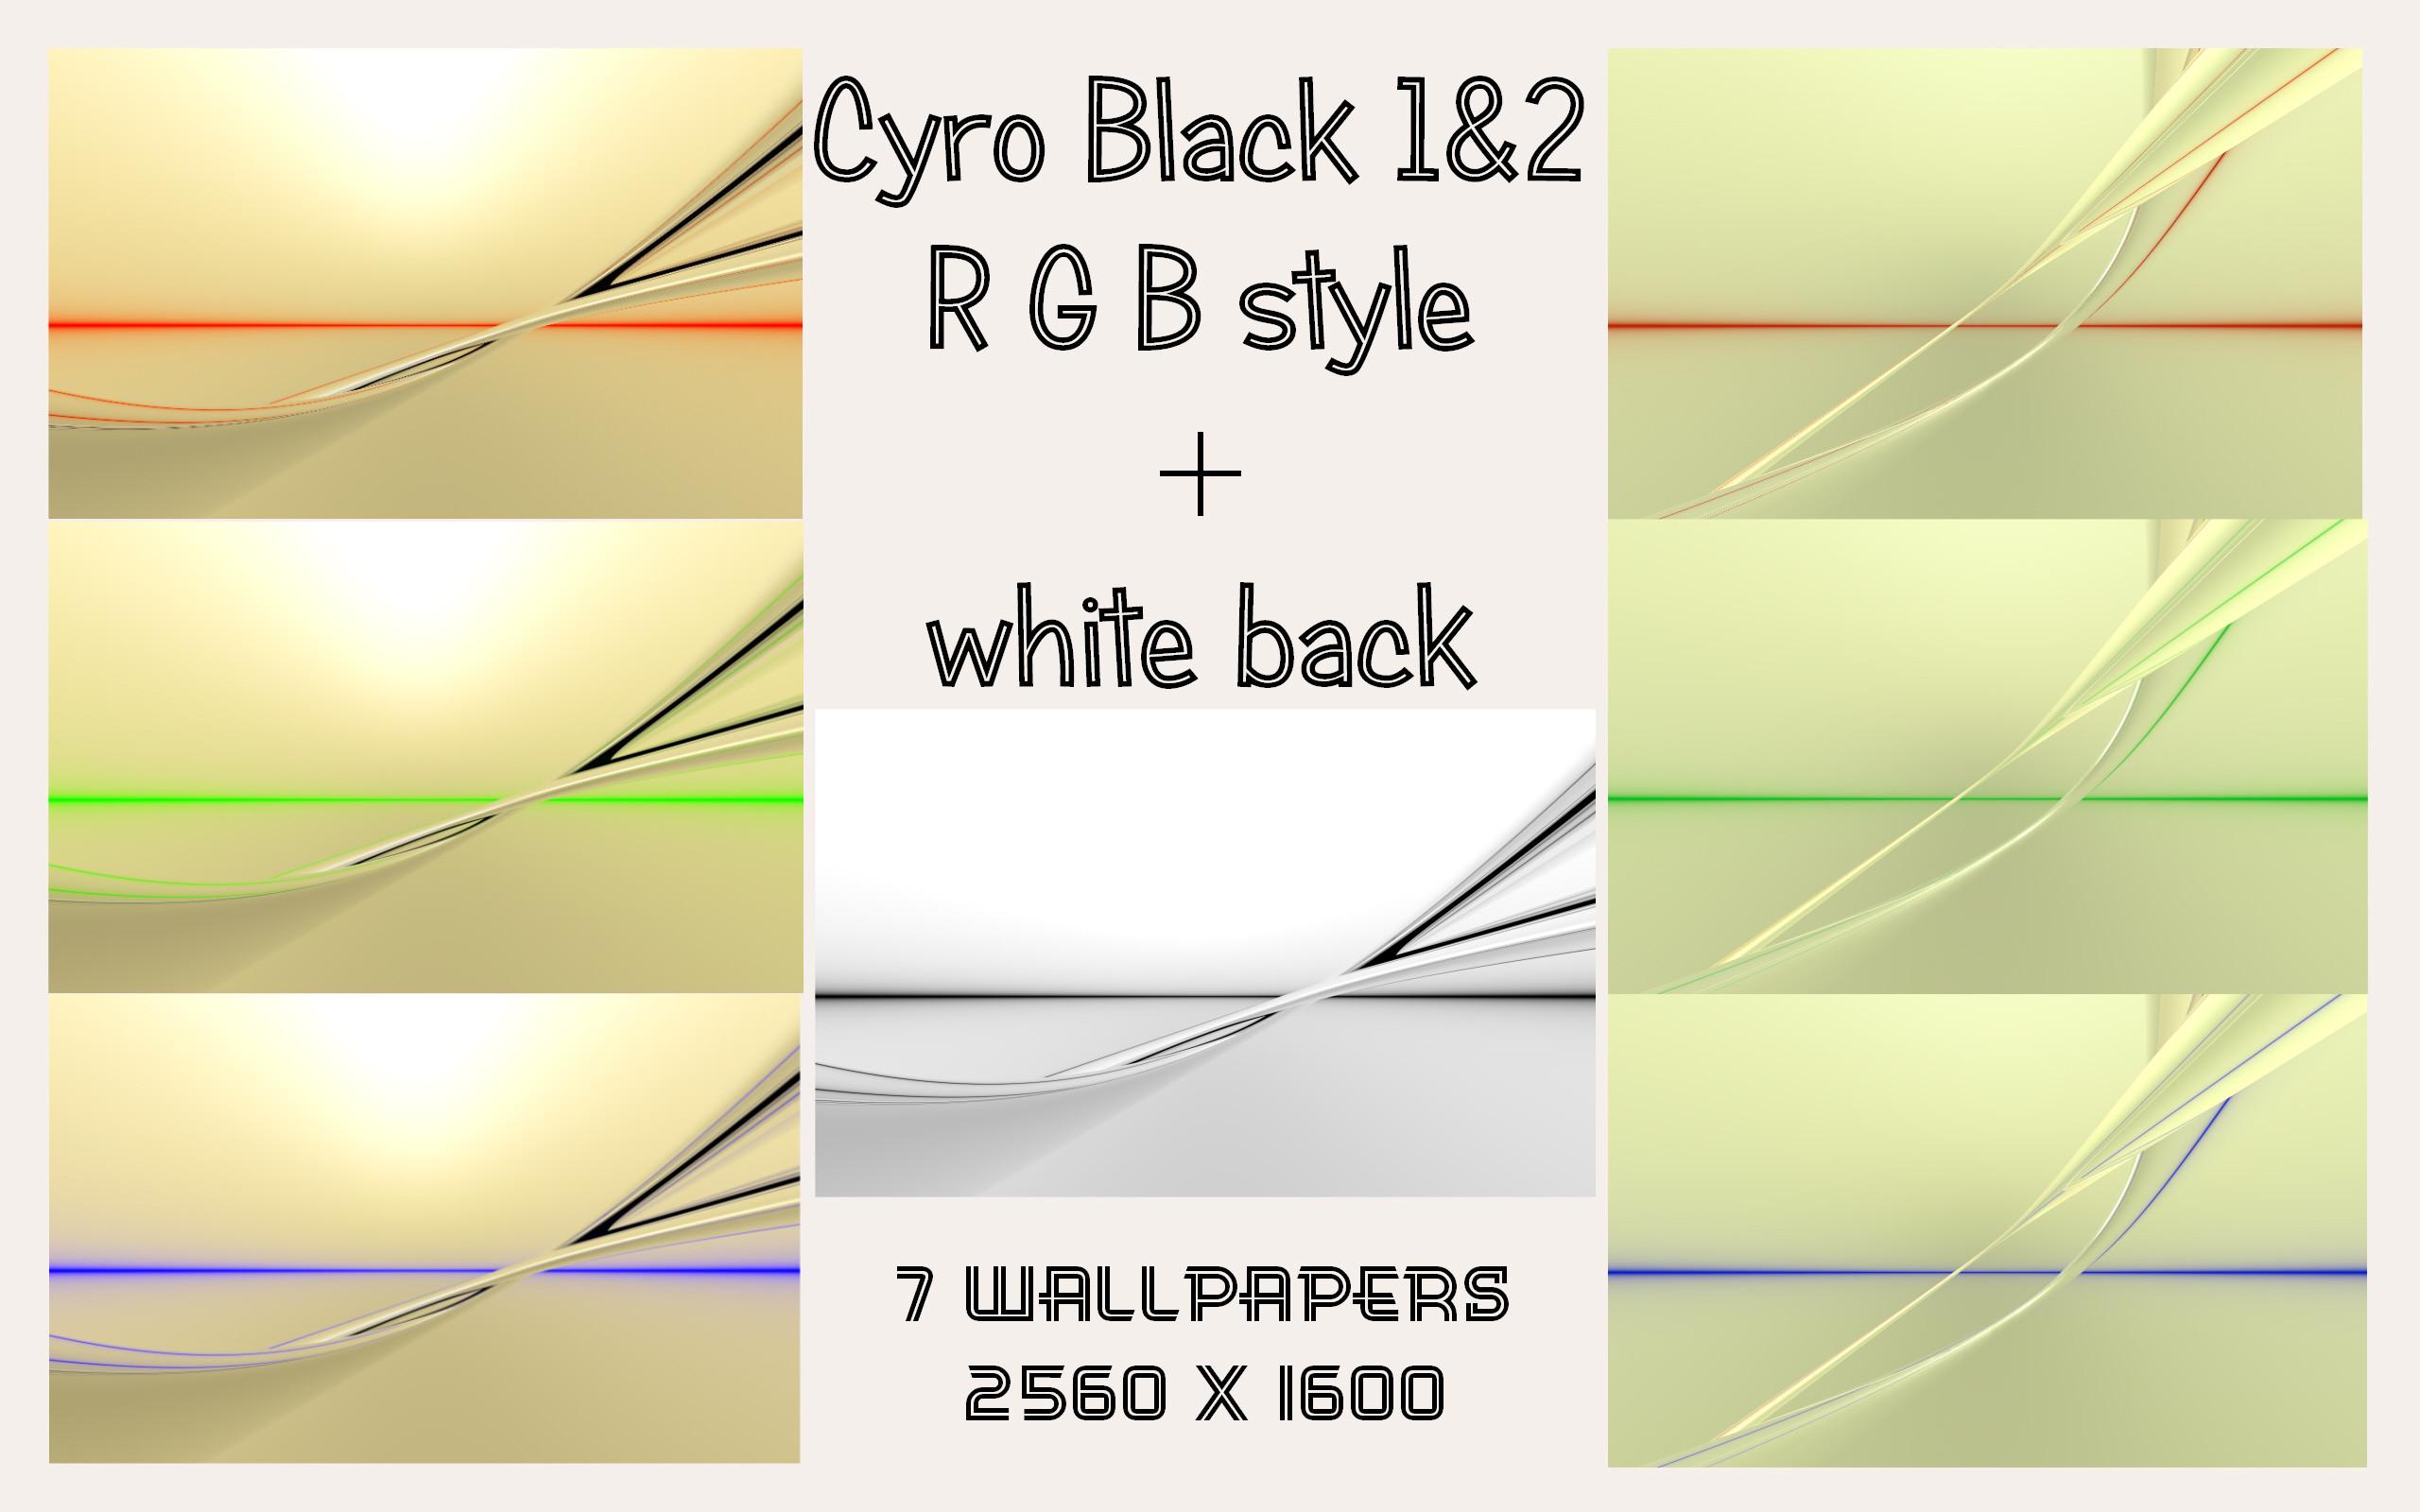 Cyro Black RGB